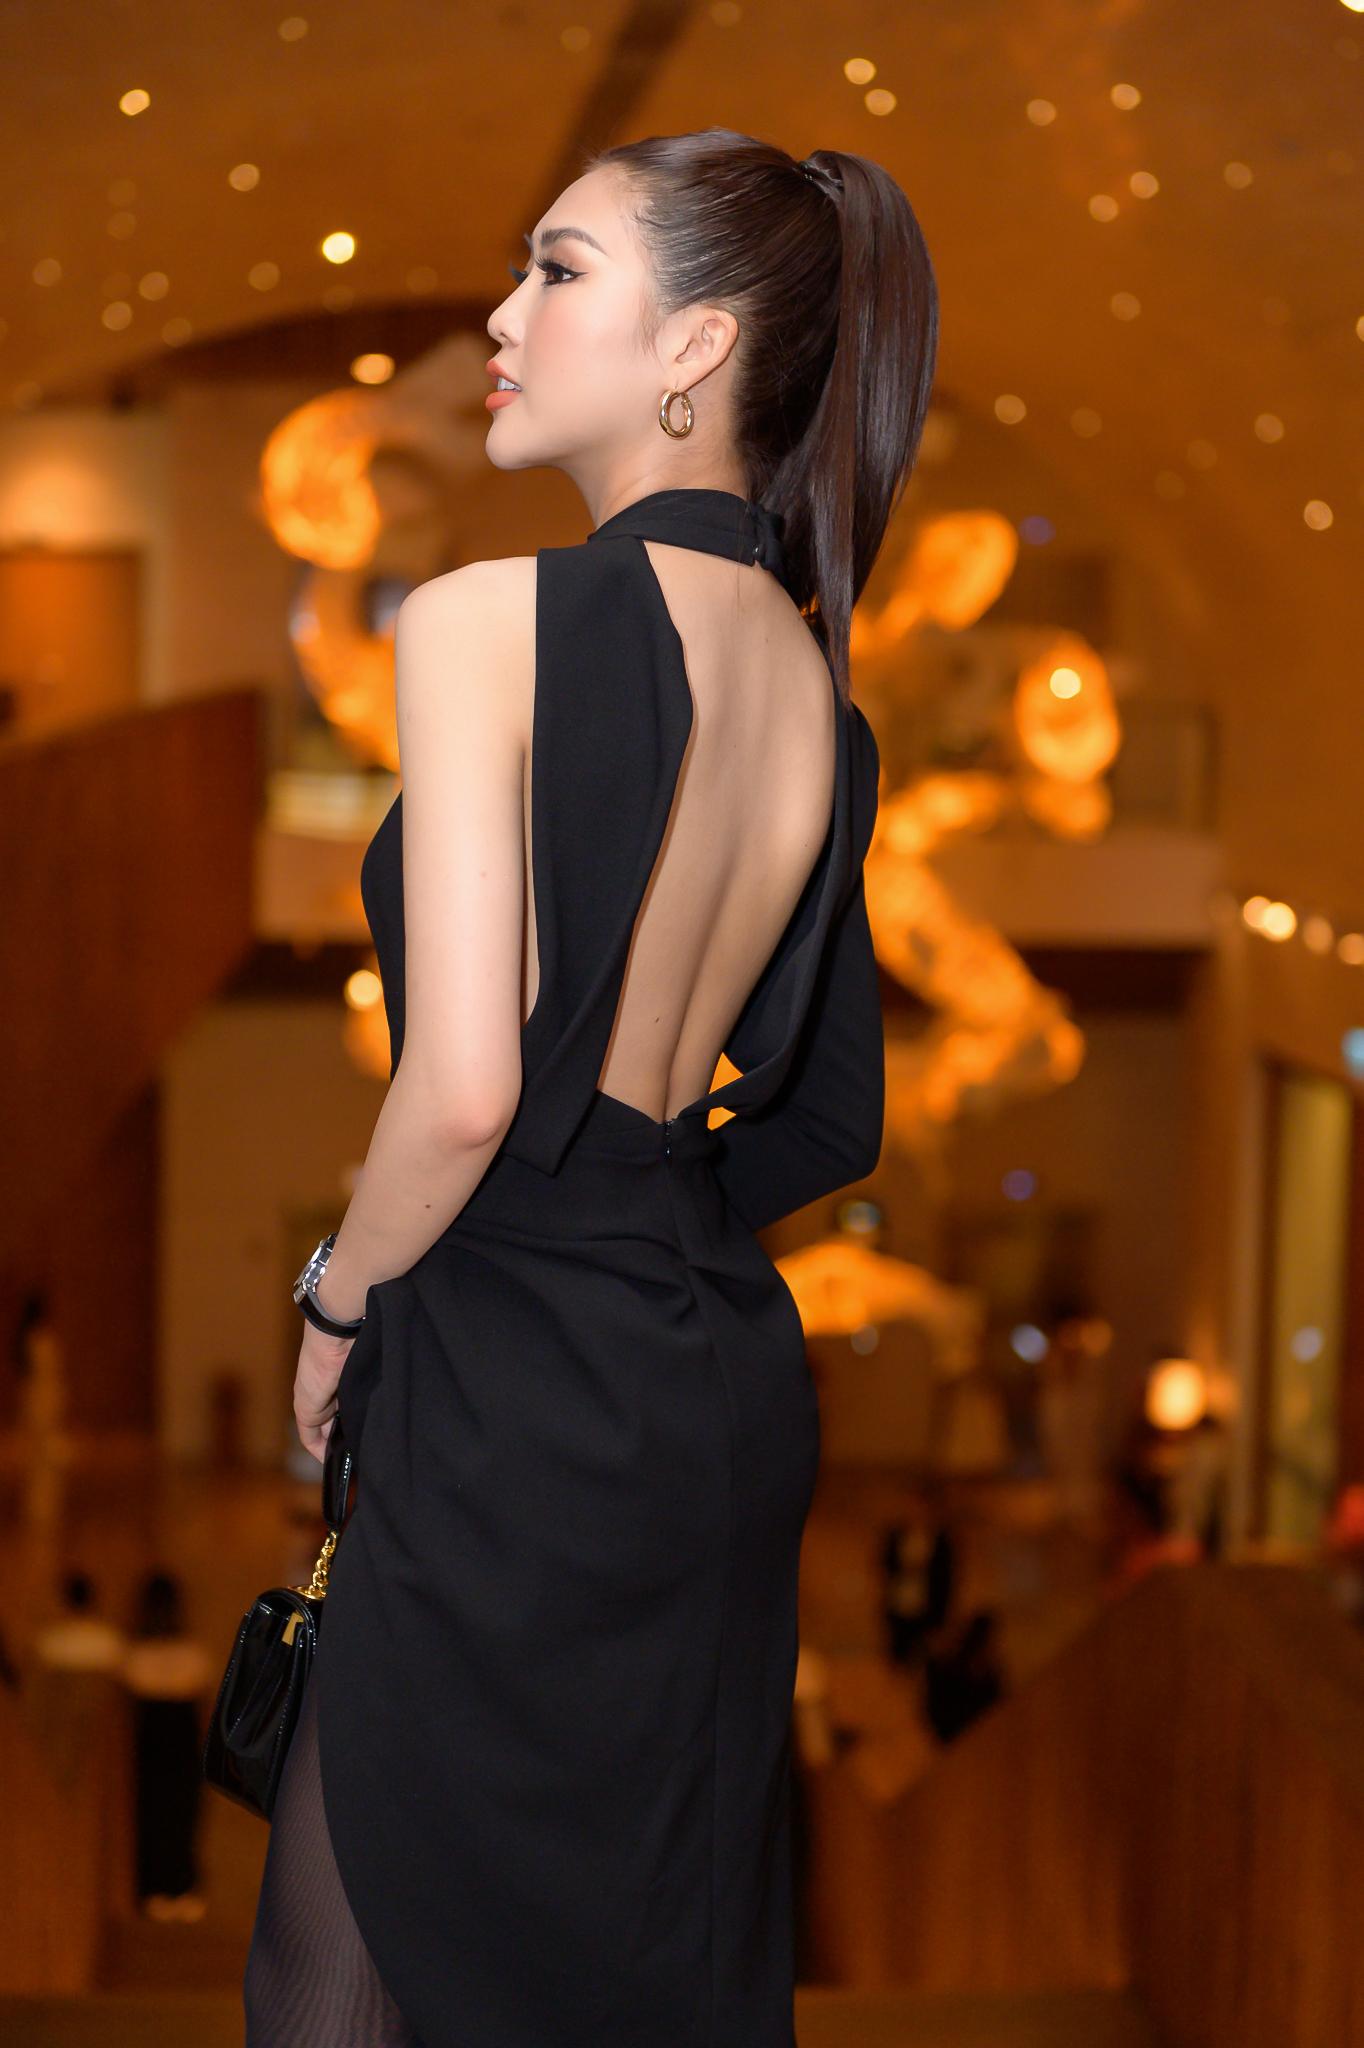 Chân dài Tường Linh diện váy xẻ sâu, khoe vẻ đẹp hút hồn đi sự kiện 3